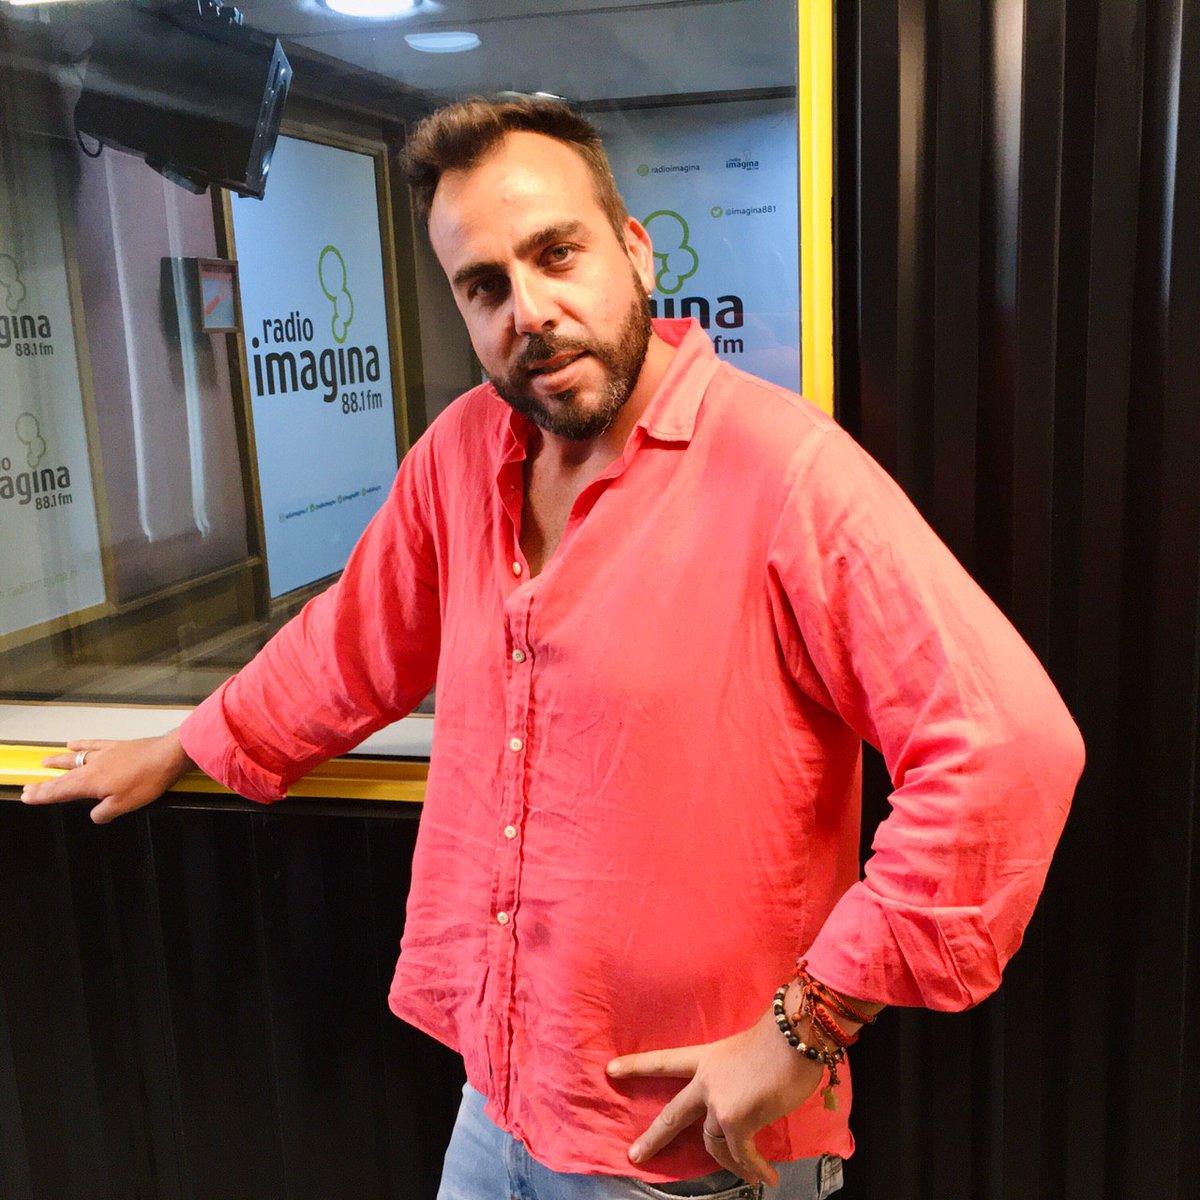 ¡VAMOS KAMINSKI! 😝 El #VacilónMatinal a cargo de @fcokaminski te espera al 📞22 381 2040, 41 y 42 🔊 y audios al wsp+569 6785 3972 la 101.3 ❤️ . . #musica #radiocorazón #lanúmerouno #cuarentena #coronavirus #quédateenradio #quédateencasa https://t.co/UgIQADUyQA